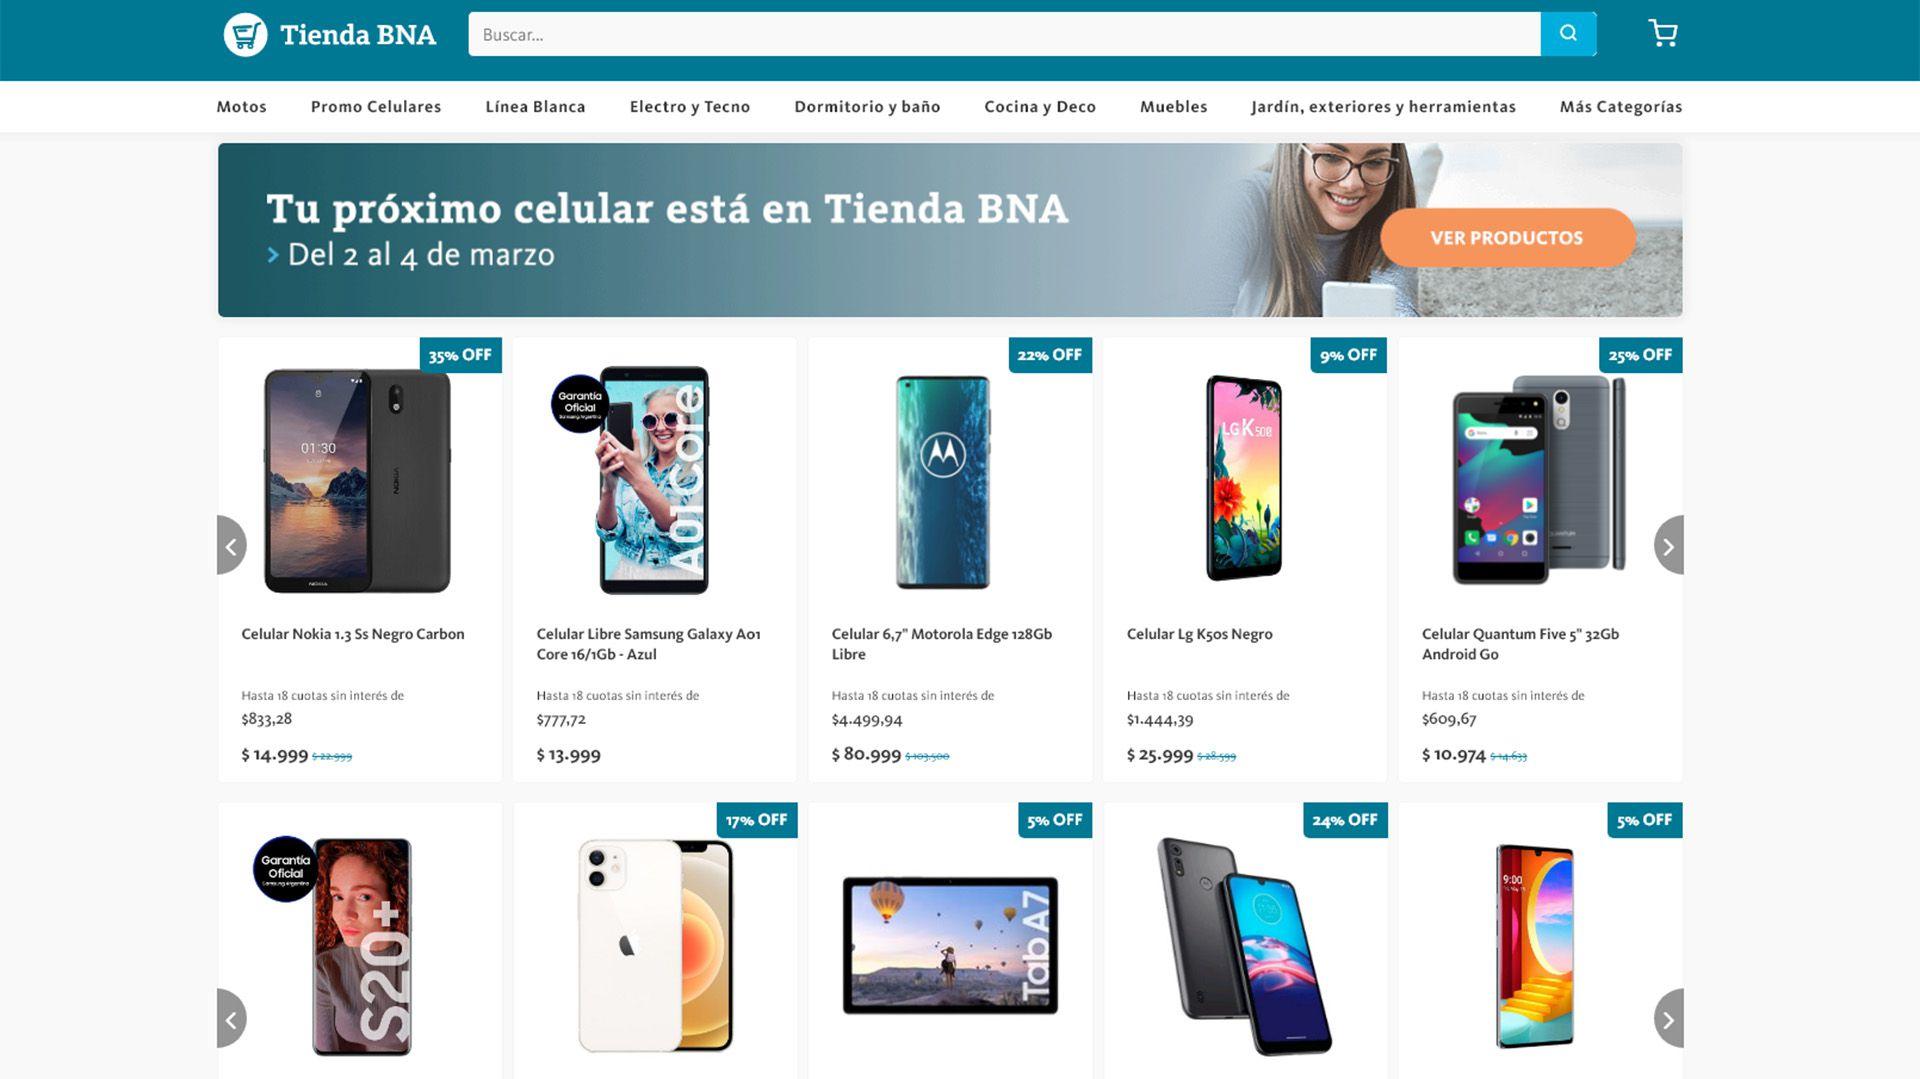 promo celulares Tienda BNA